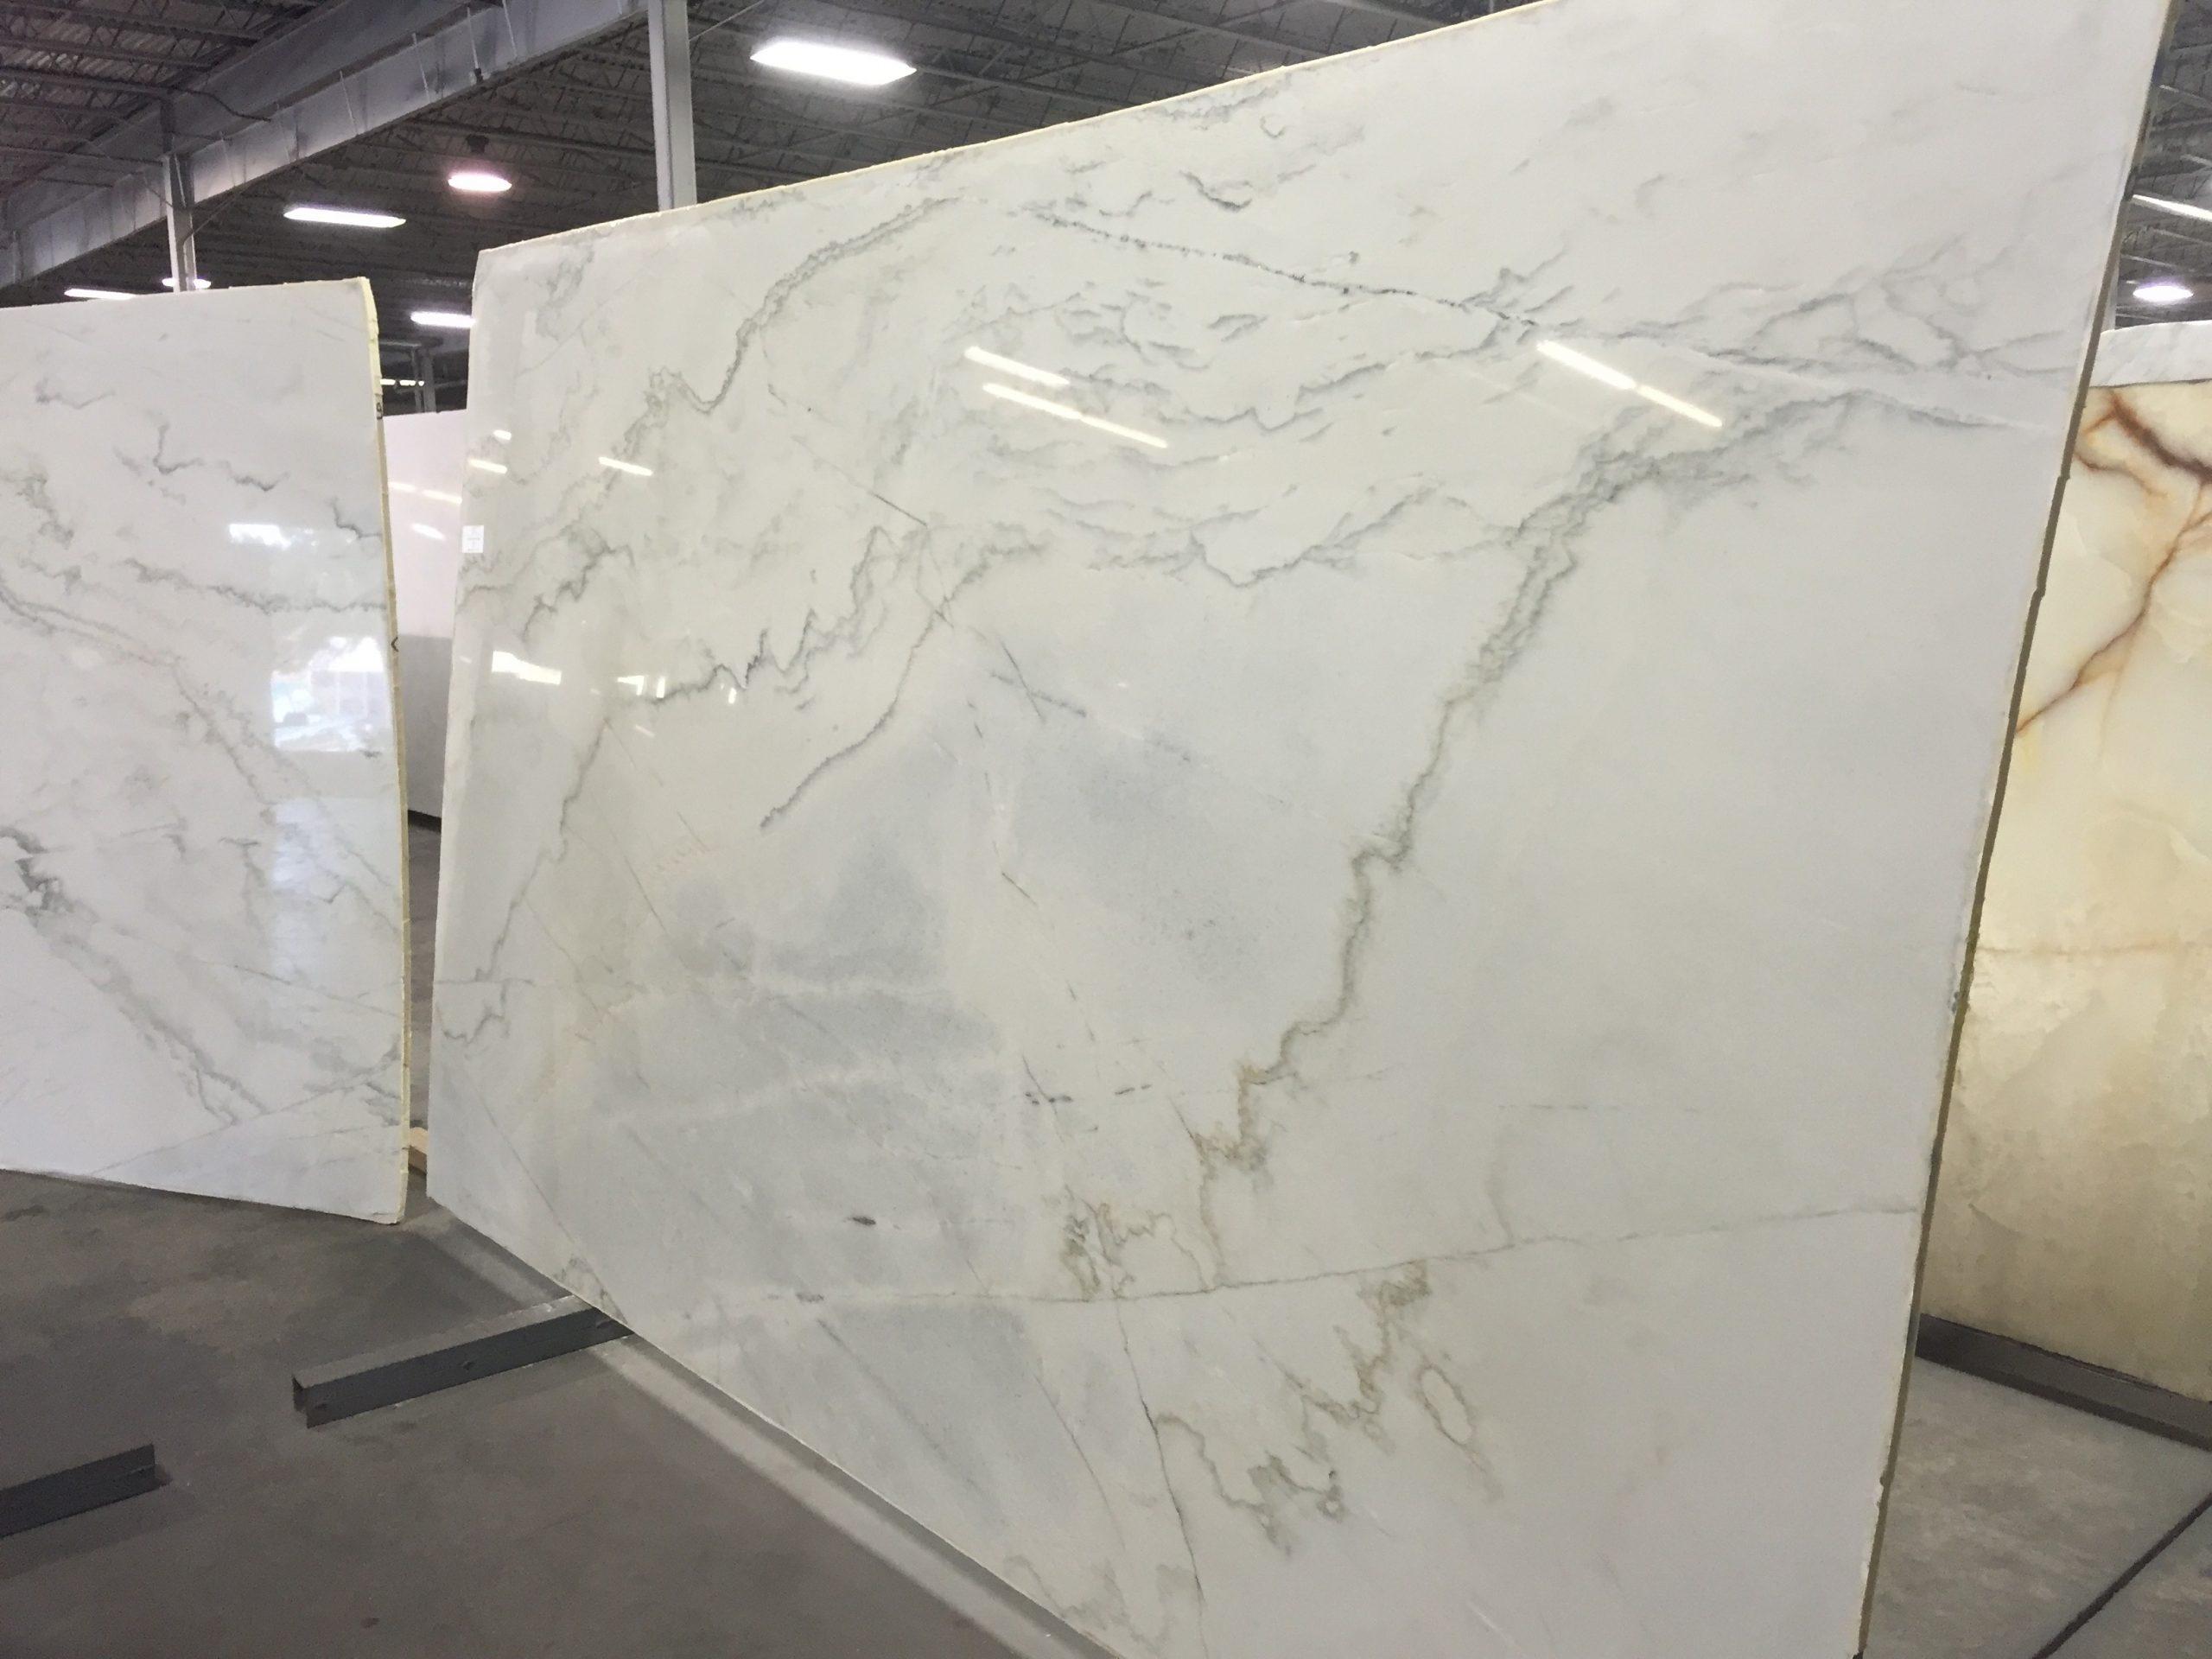 granite colors quartzite  Quartzite Countertops Chicago - granite colors quartzite